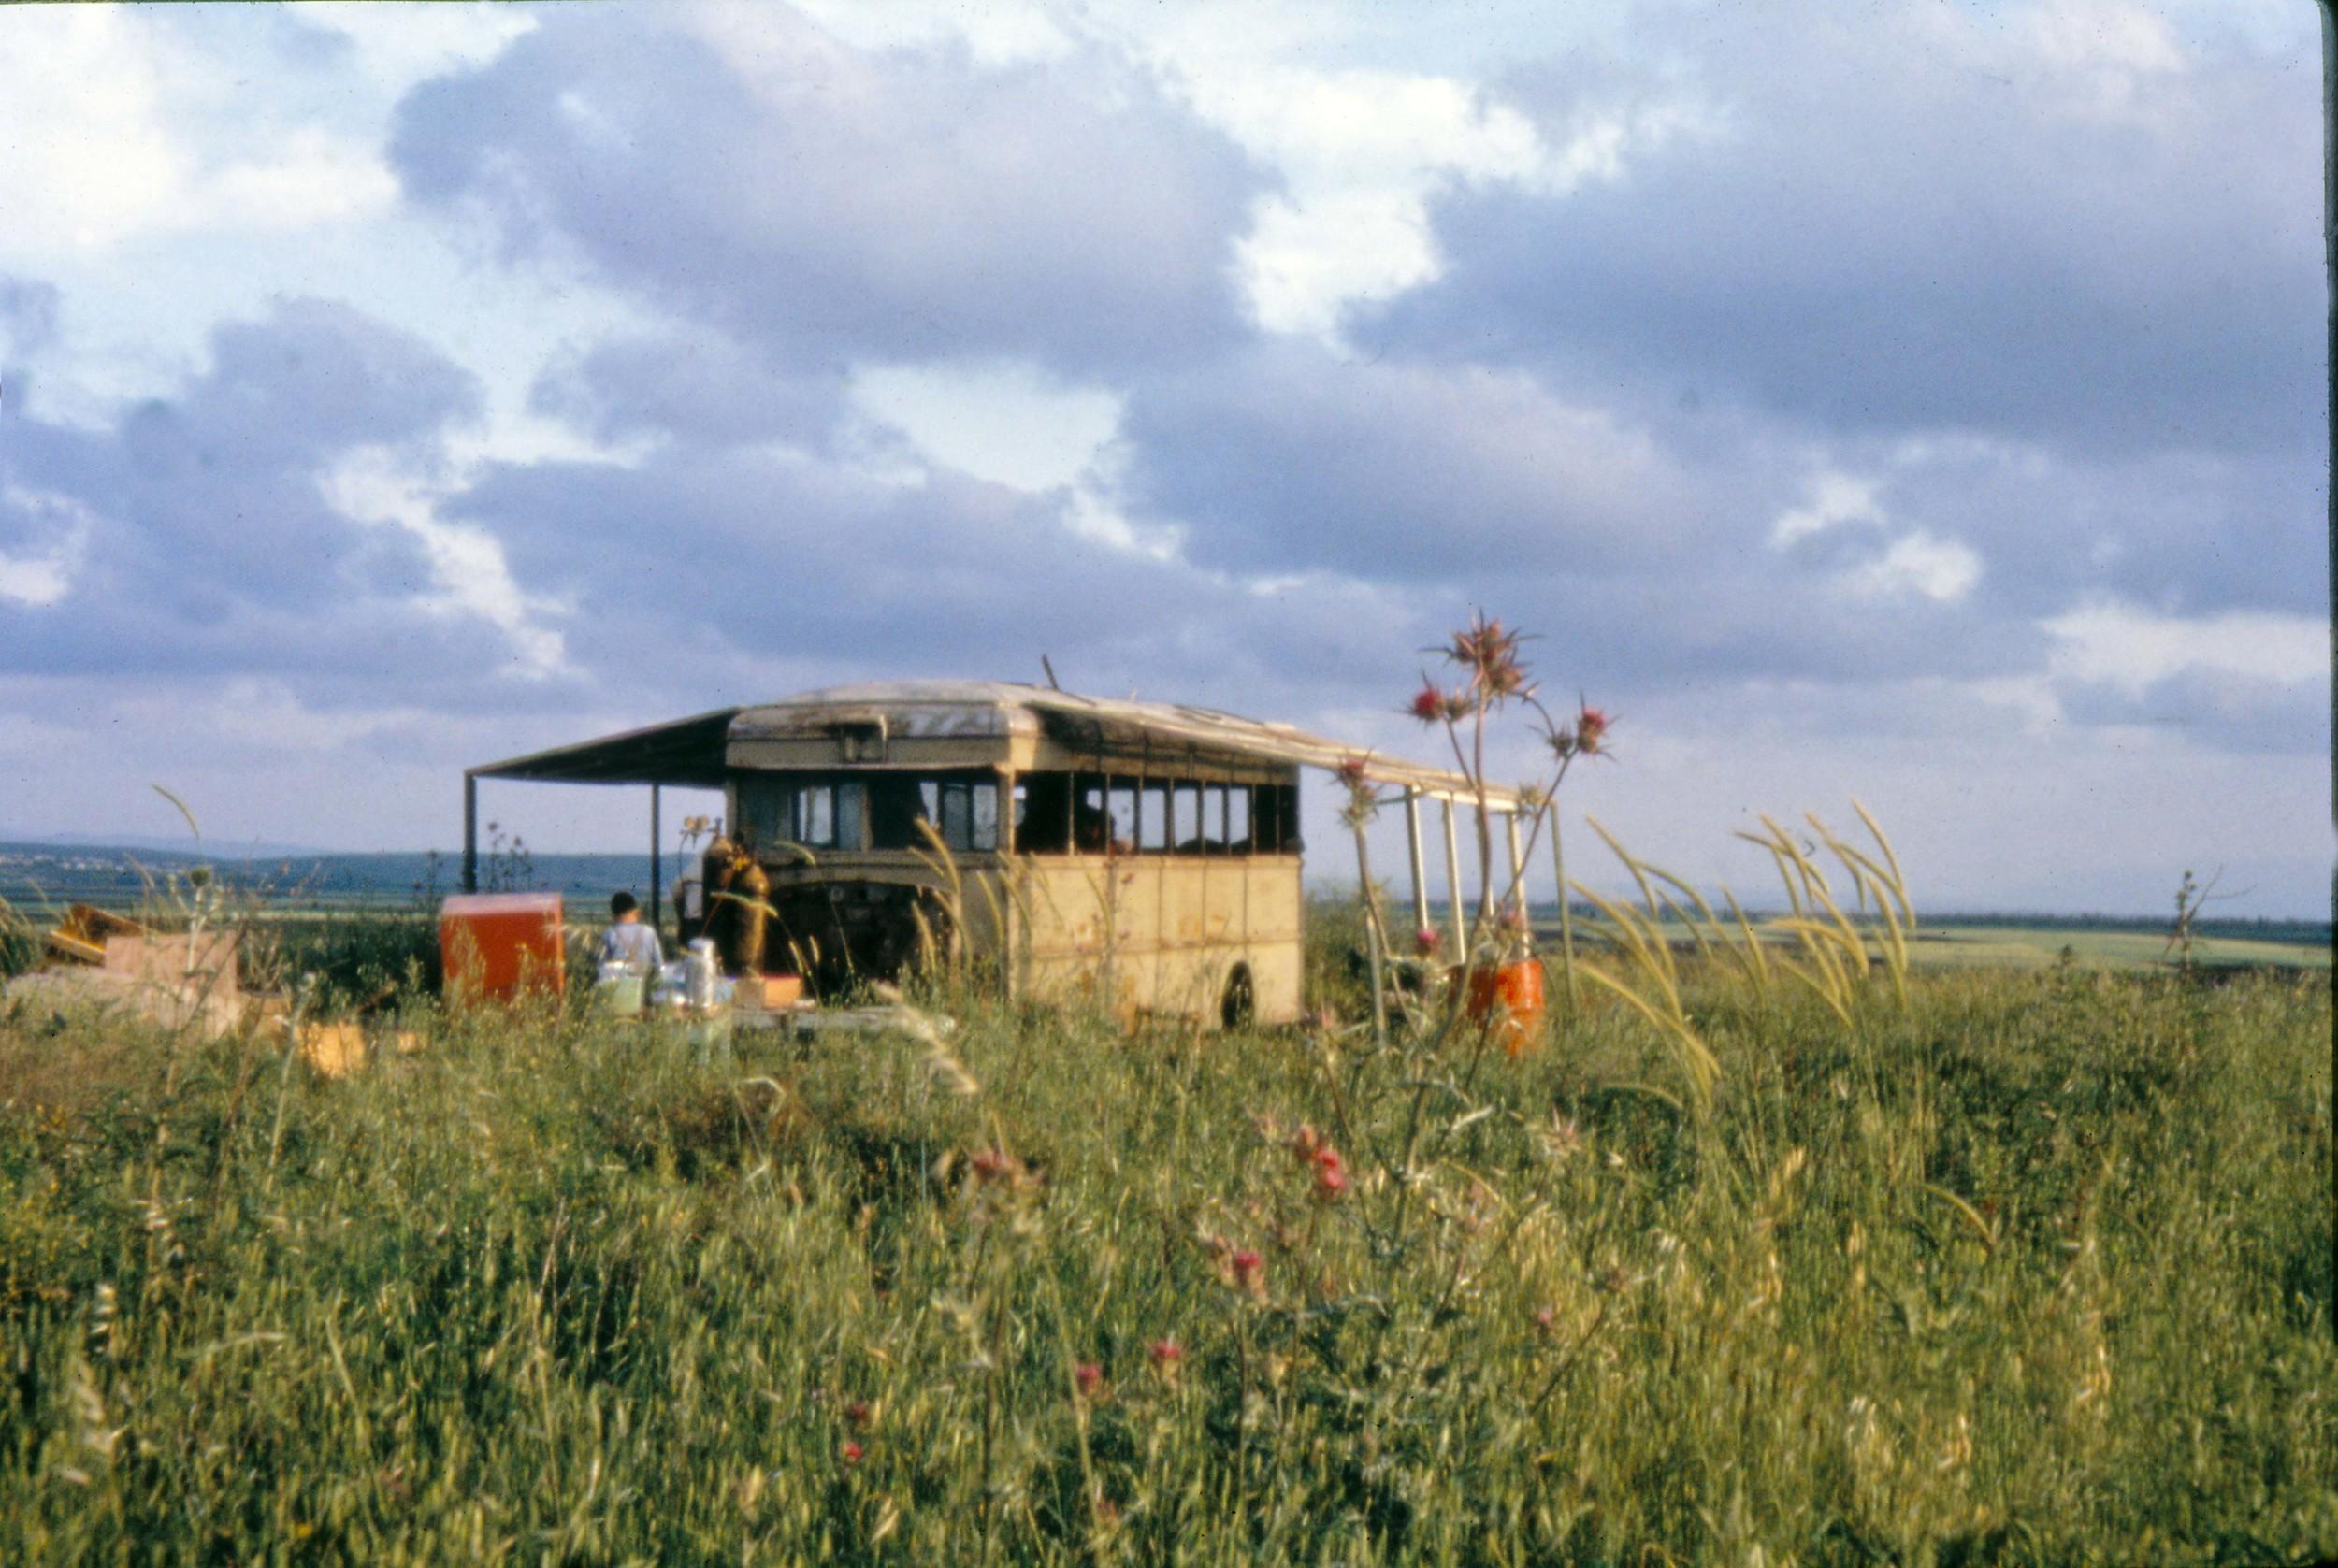 1963: Der Bus kommt auf dem Hügel in Galiläa an, auf dem er noch heute steht. Hier ist Nes Ammim entstanden.